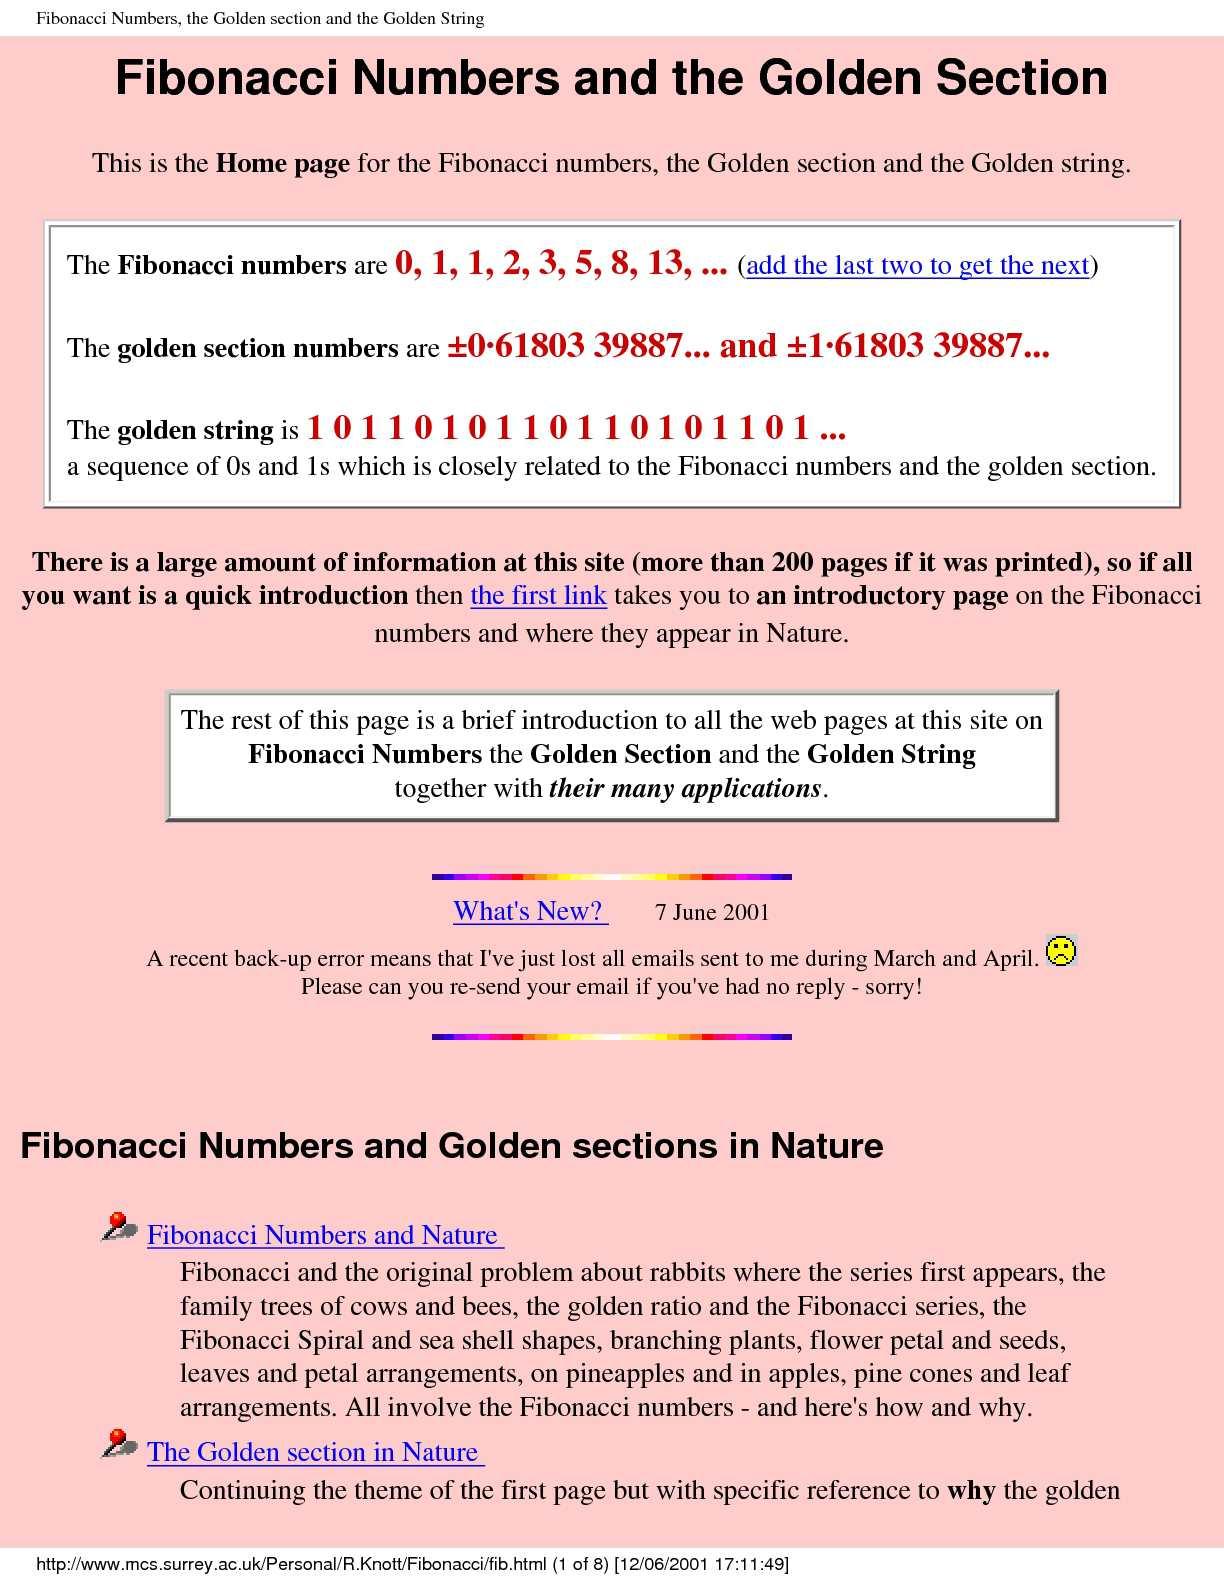 Calamo fibonacci numbers and the golden sectionpdf publicscrutiny Images